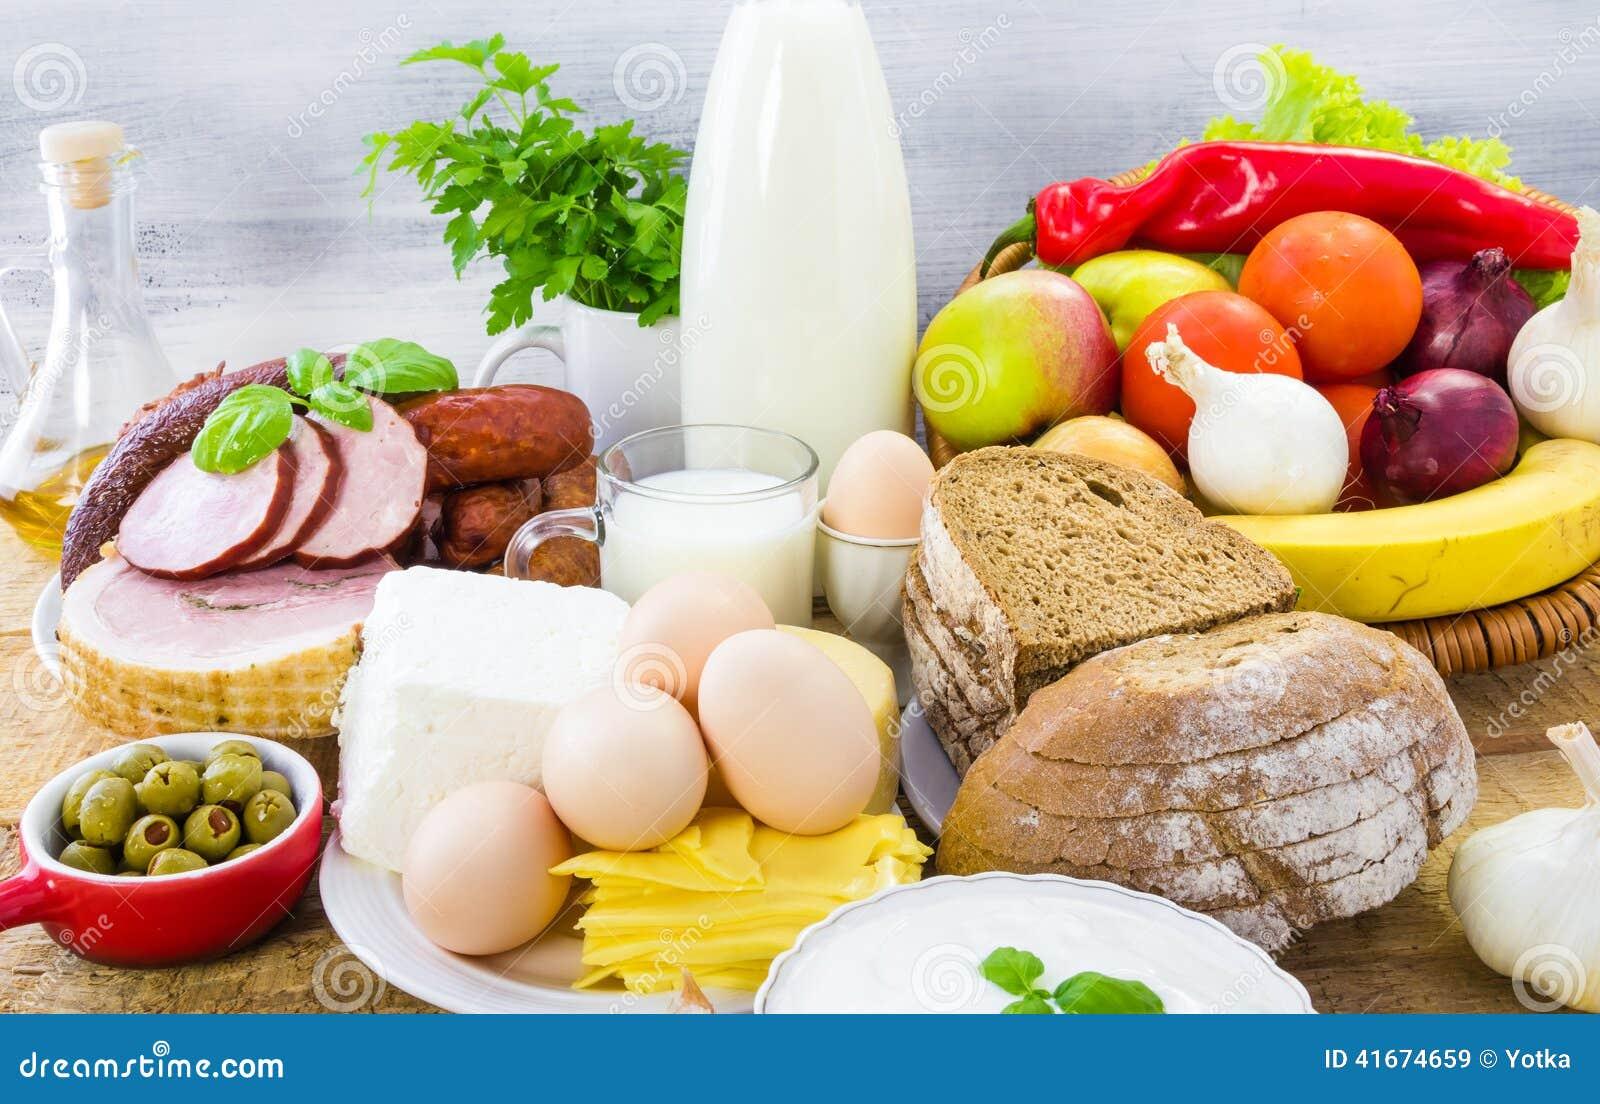 Verschiedenes LebensmittelMilchprodukt-Brotfleisch